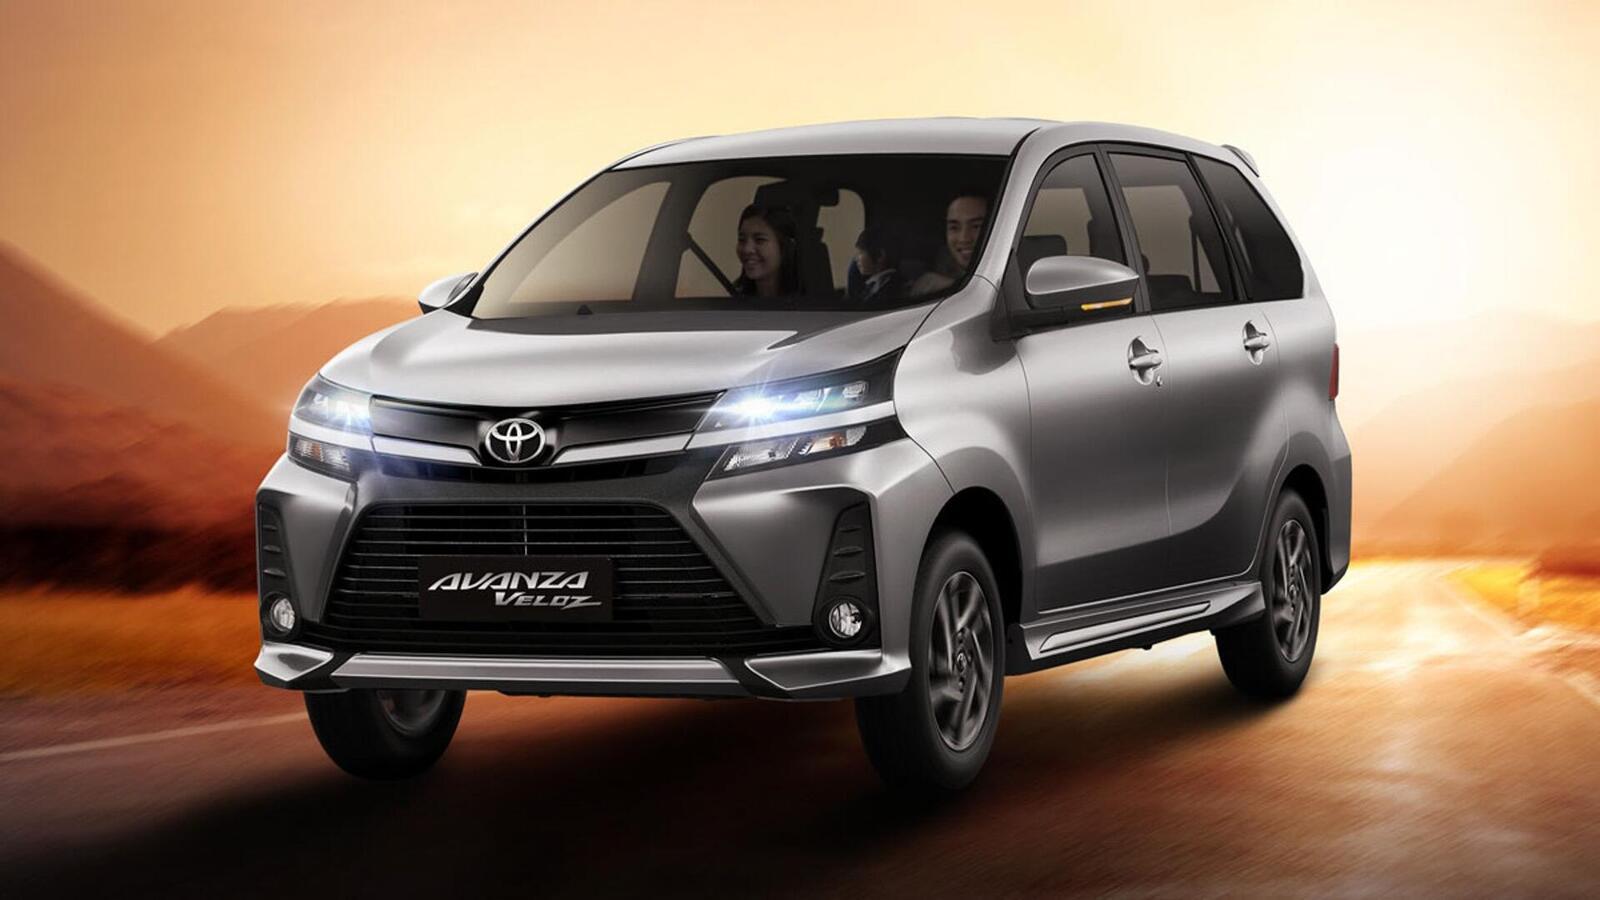 Xpander ''làm mưa làm gió'', Ertiga mới khuấy động phân khúc: Avanza facelift bao giờ về Việt Nam? - Hình 1